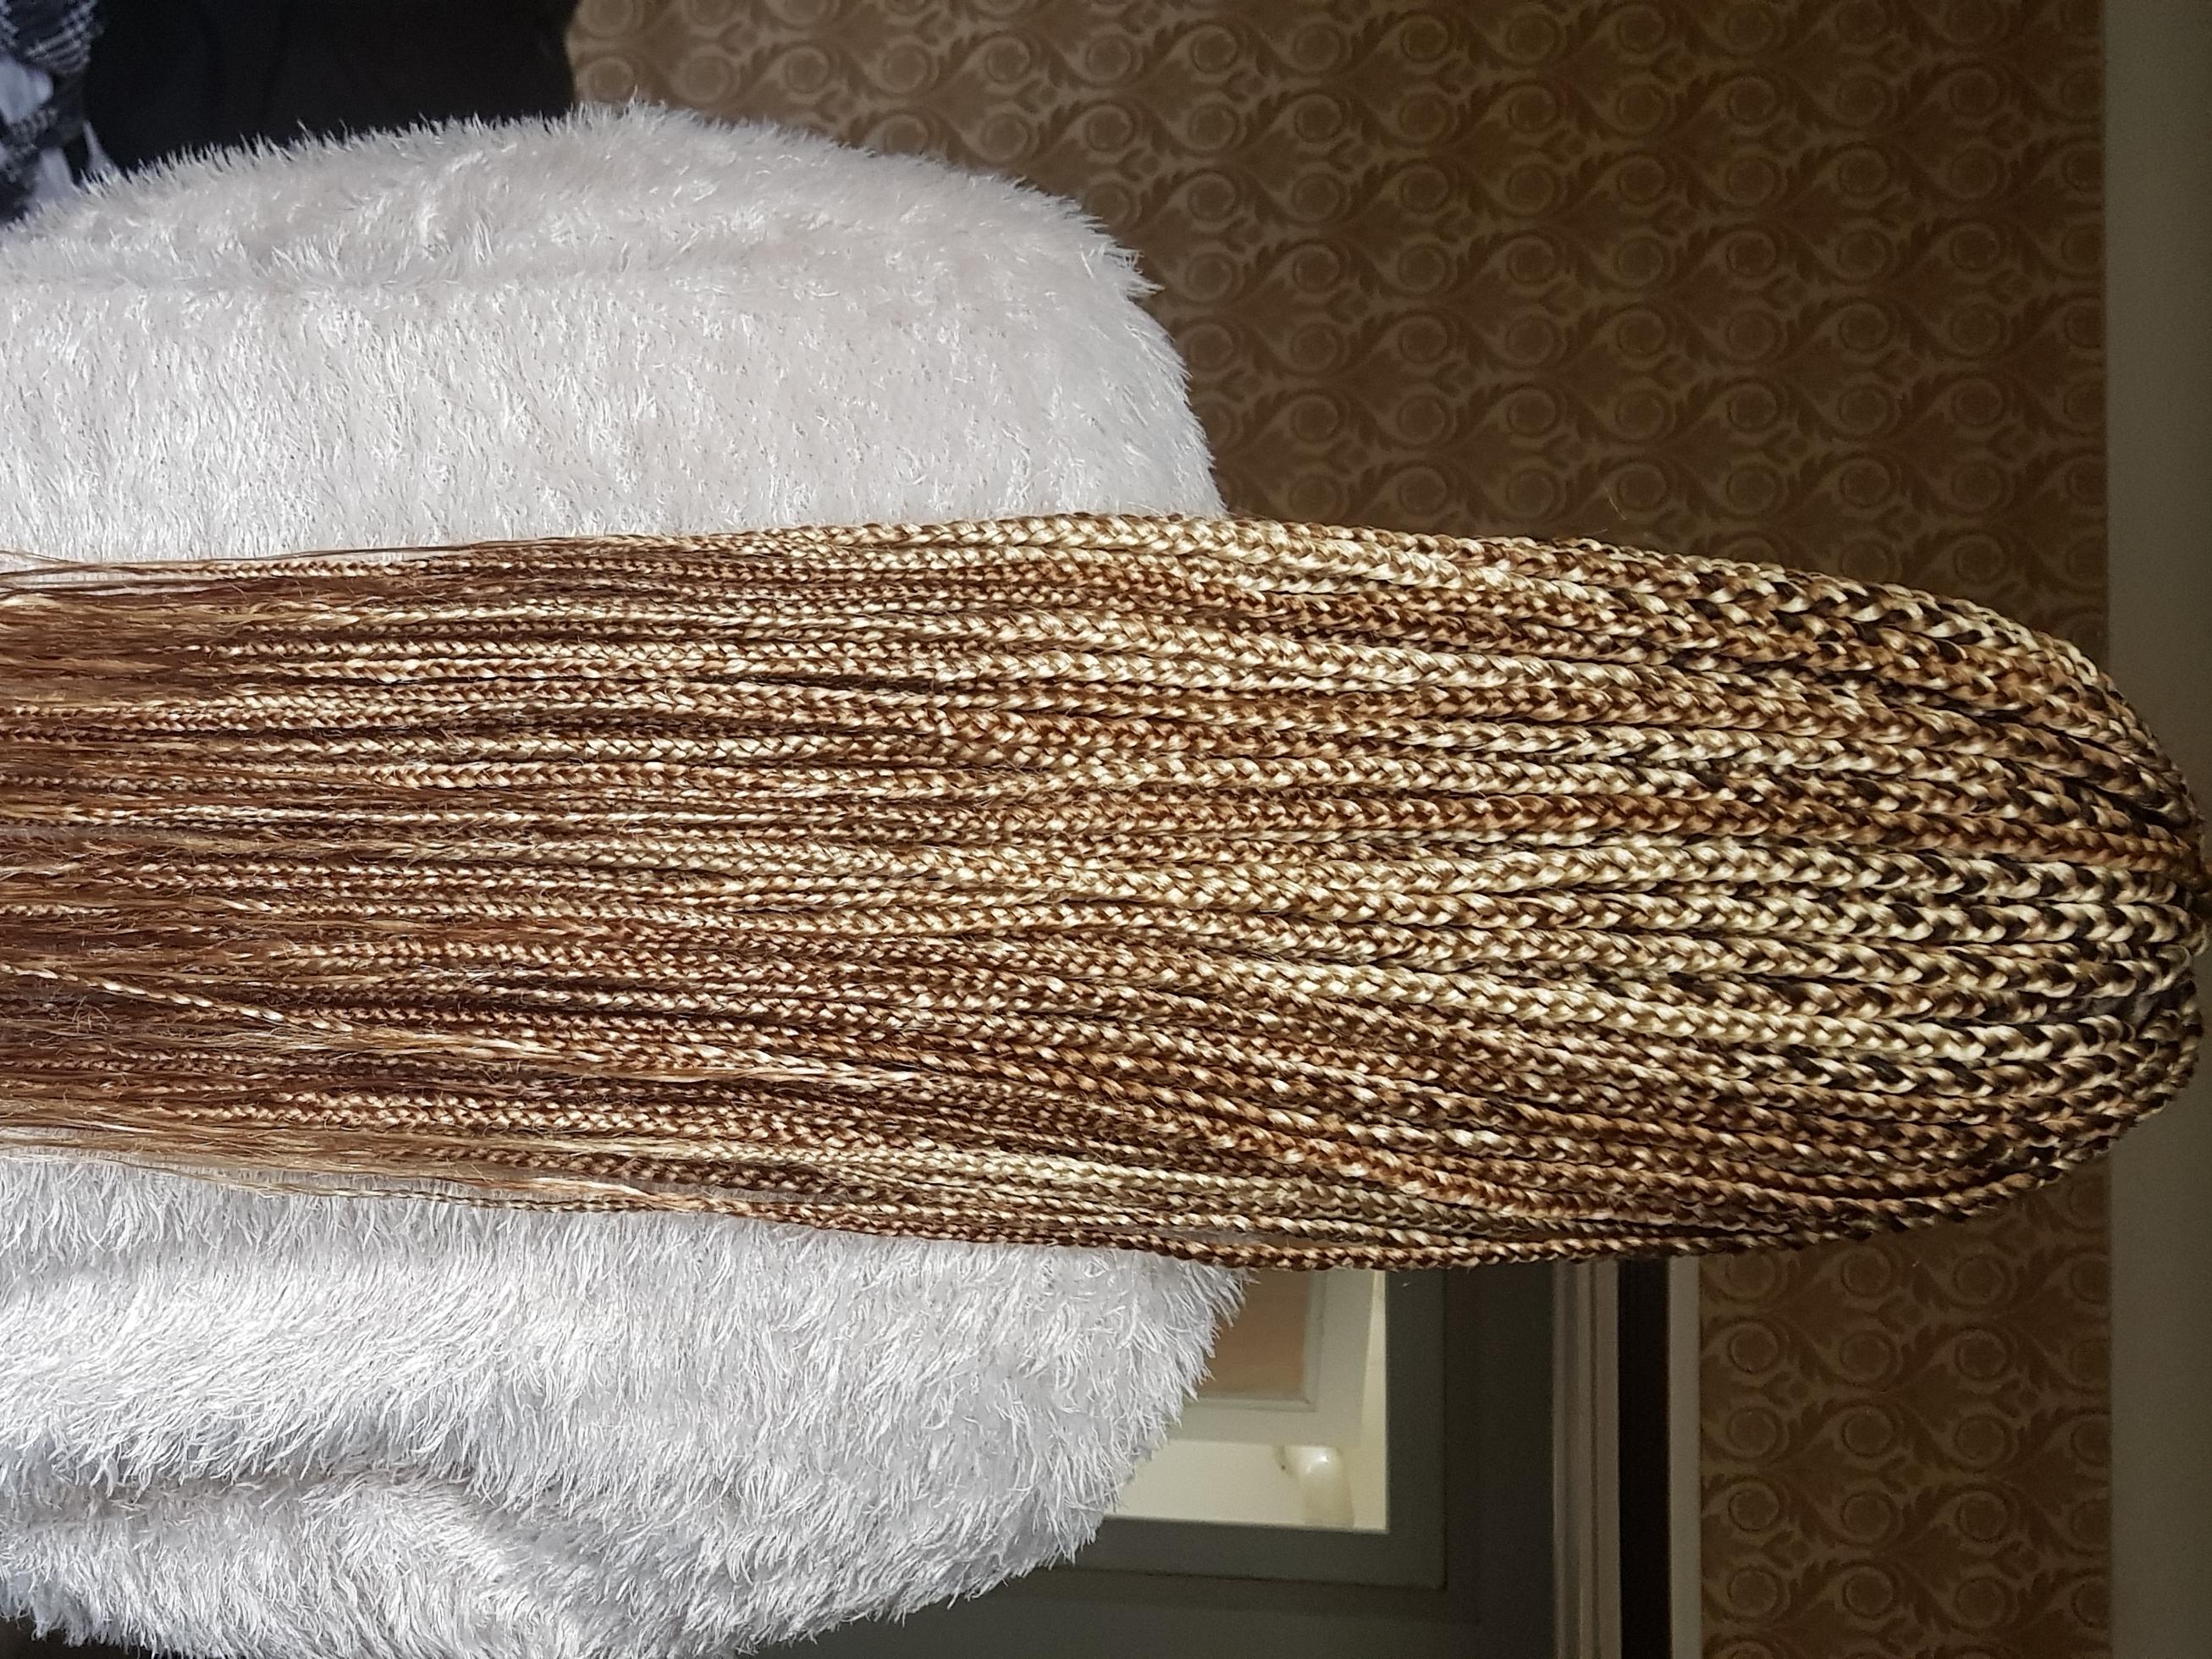 salon de coiffure afro tresse tresses box braids crochet braids vanilles tissages paris 75 77 78 91 92 93 94 95 PEAUWQJN